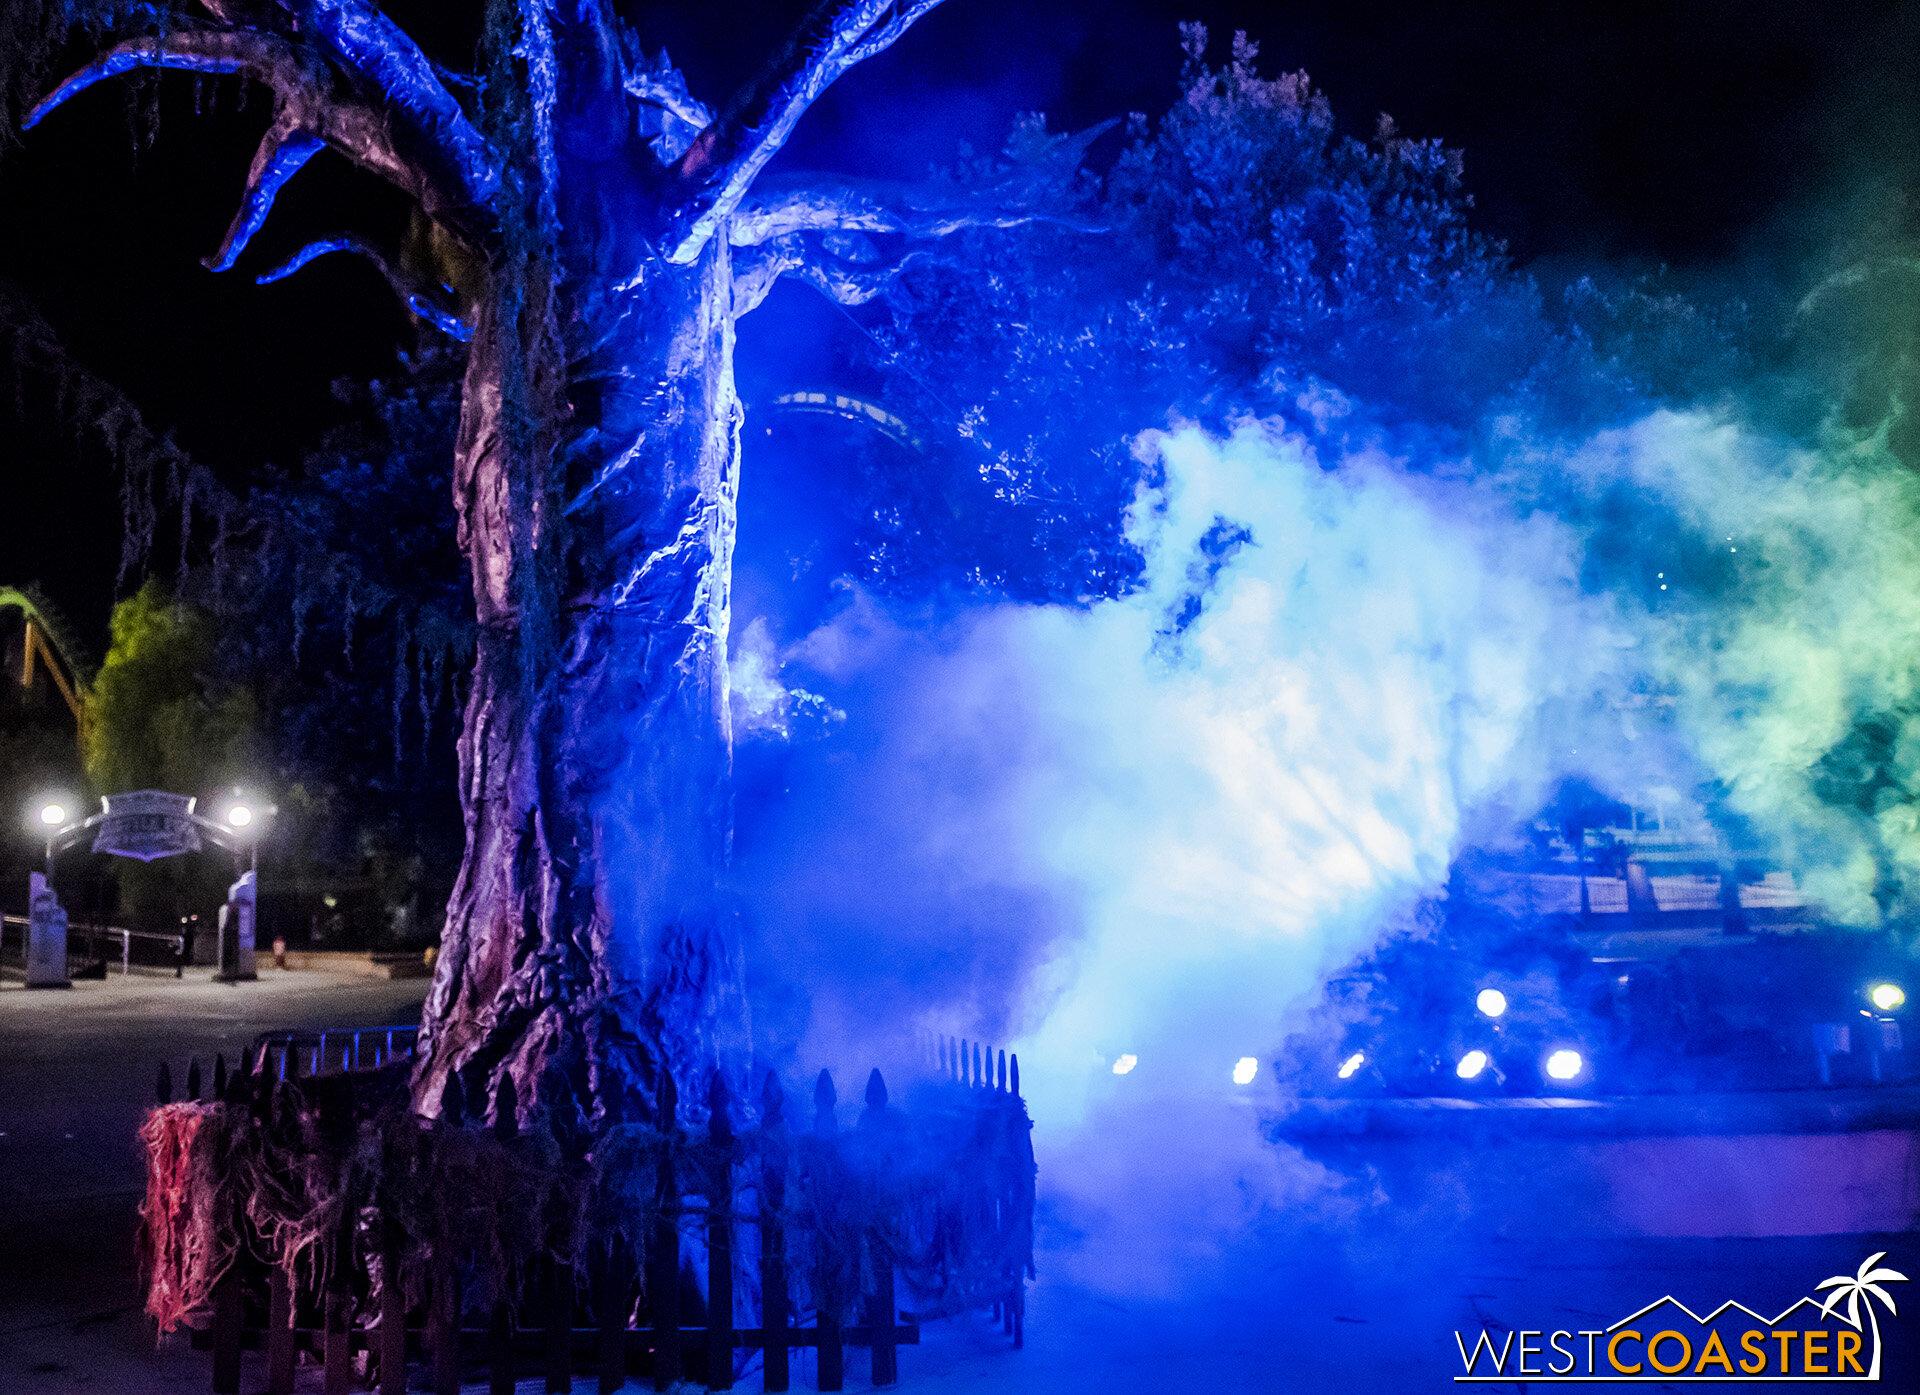 SFMMFF-19_0924-S4-WitchesLair-0001.jpg